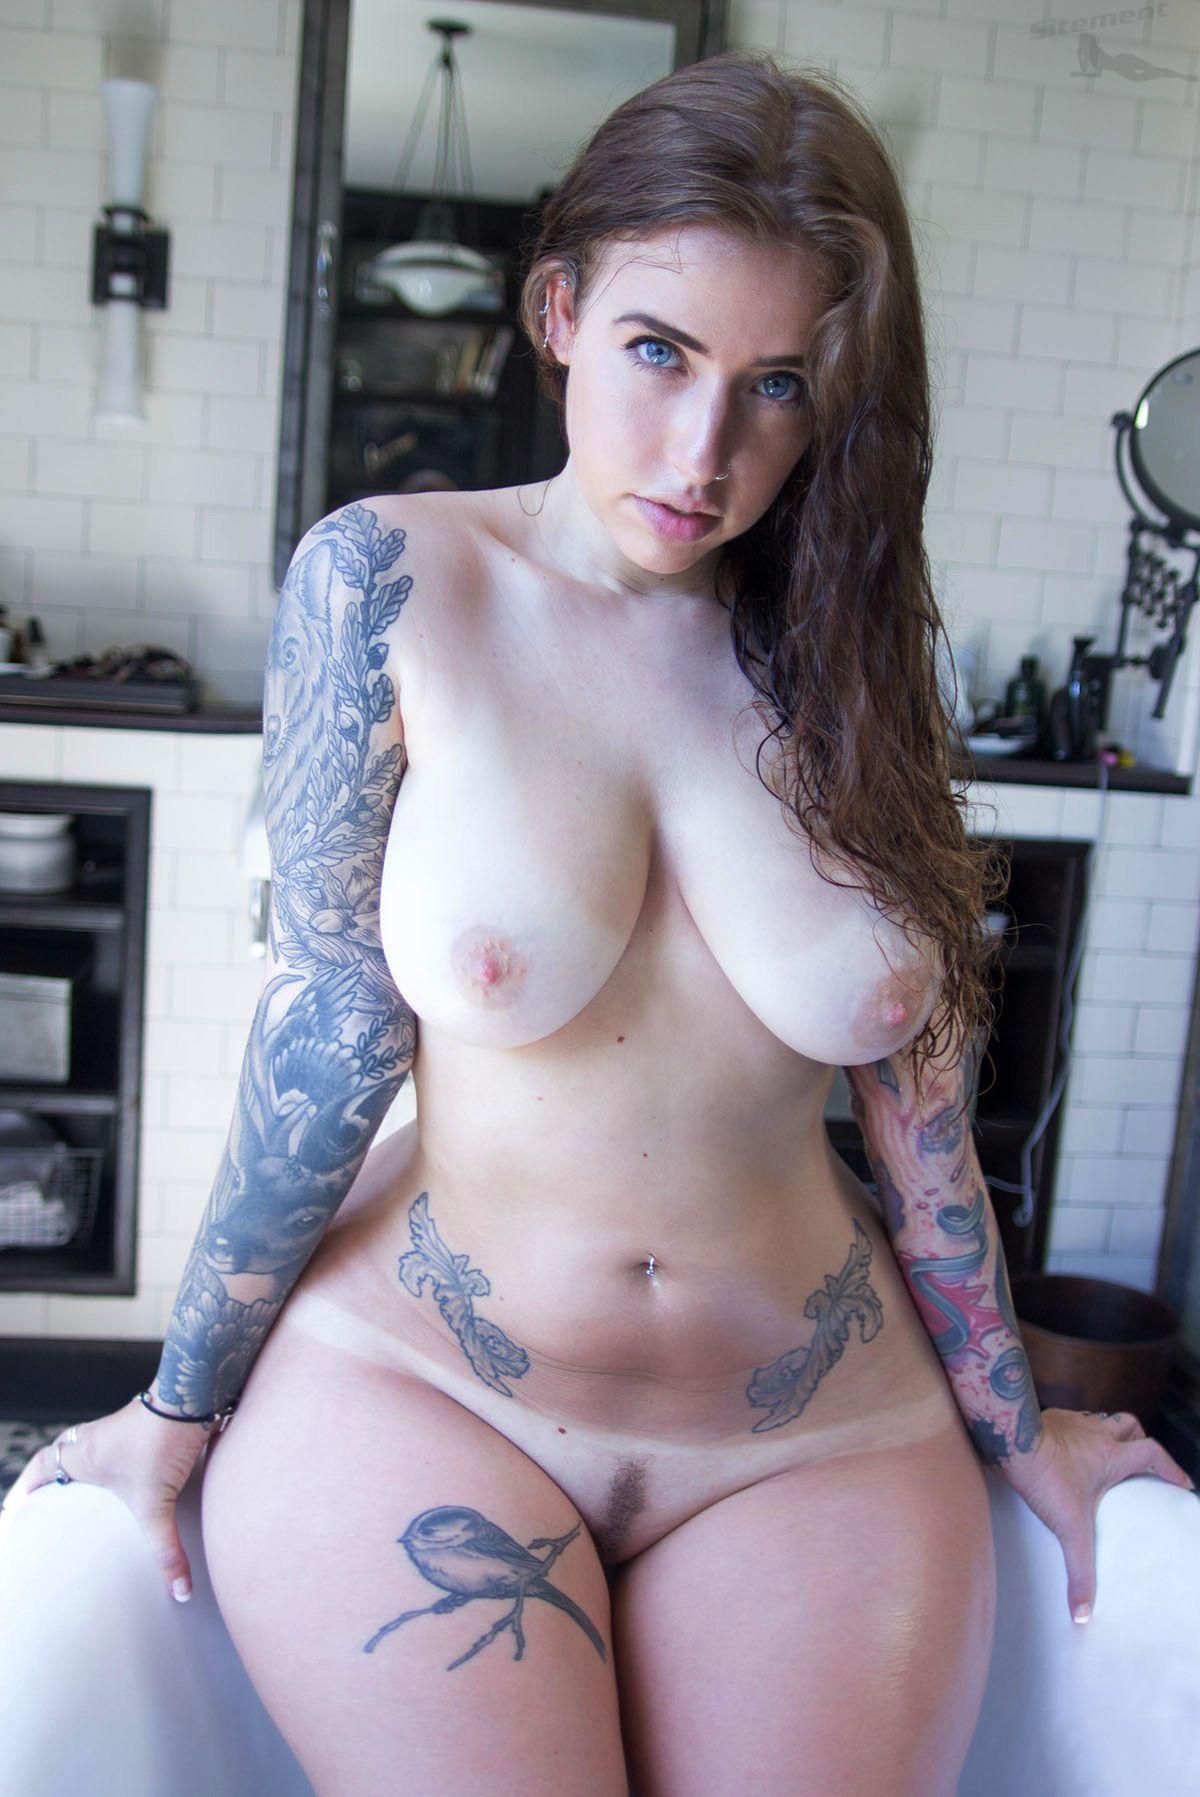 Burnute perfect tits porn stars